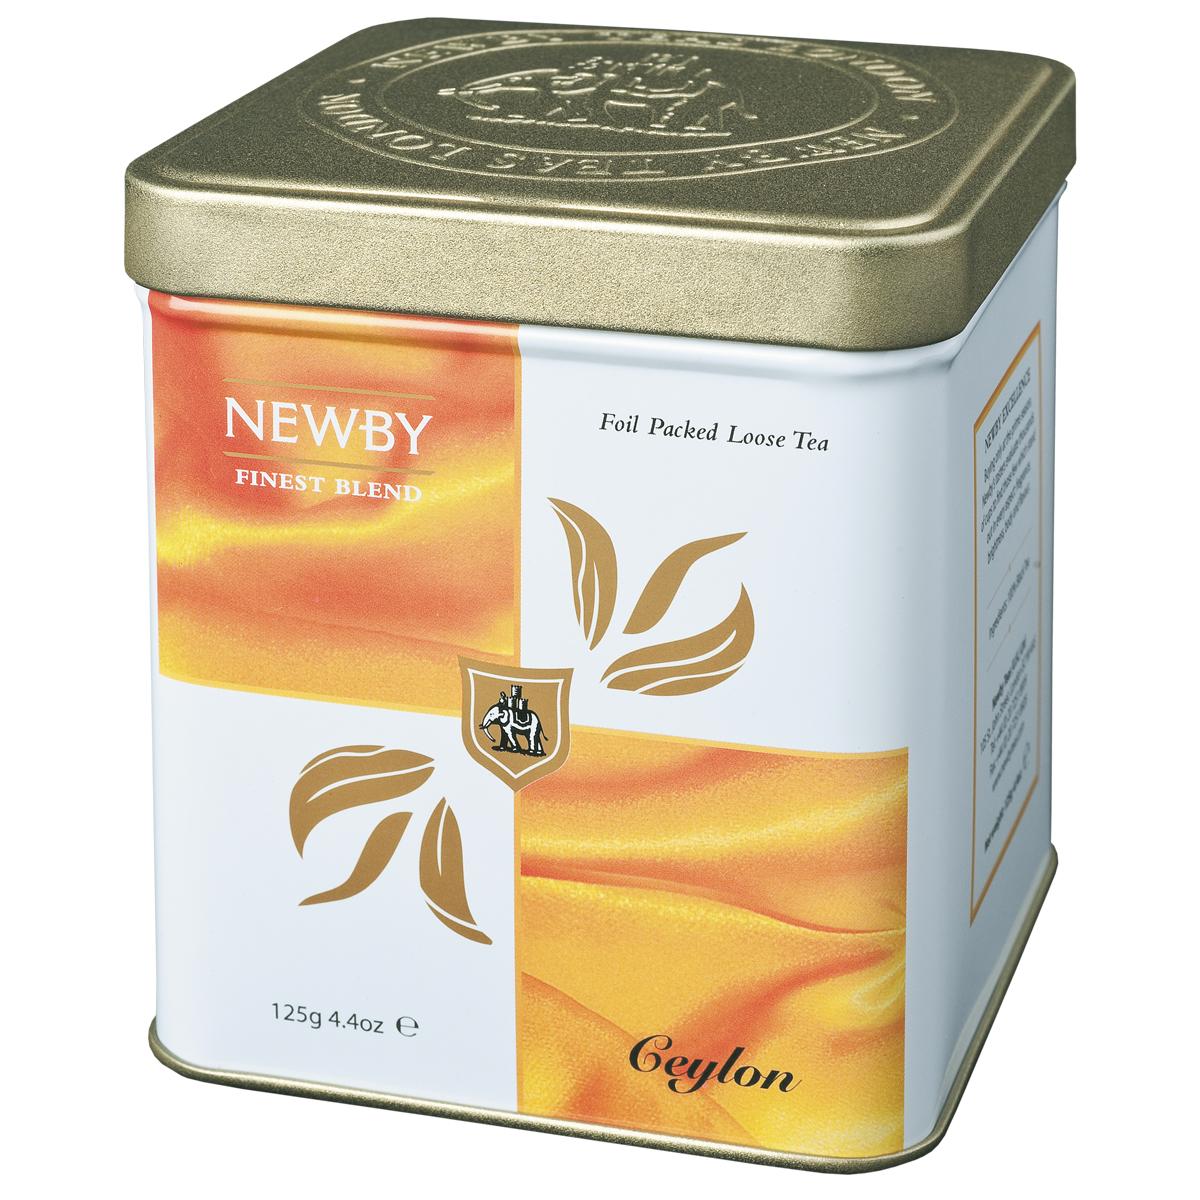 Newby Ceylon черный листовой чай, 125 г130030Чай Newby Ceylon с высокогорных плантаций Острова пряностей Шри-Ланки. Яркая чашка чая с живым пряным послевкусием.